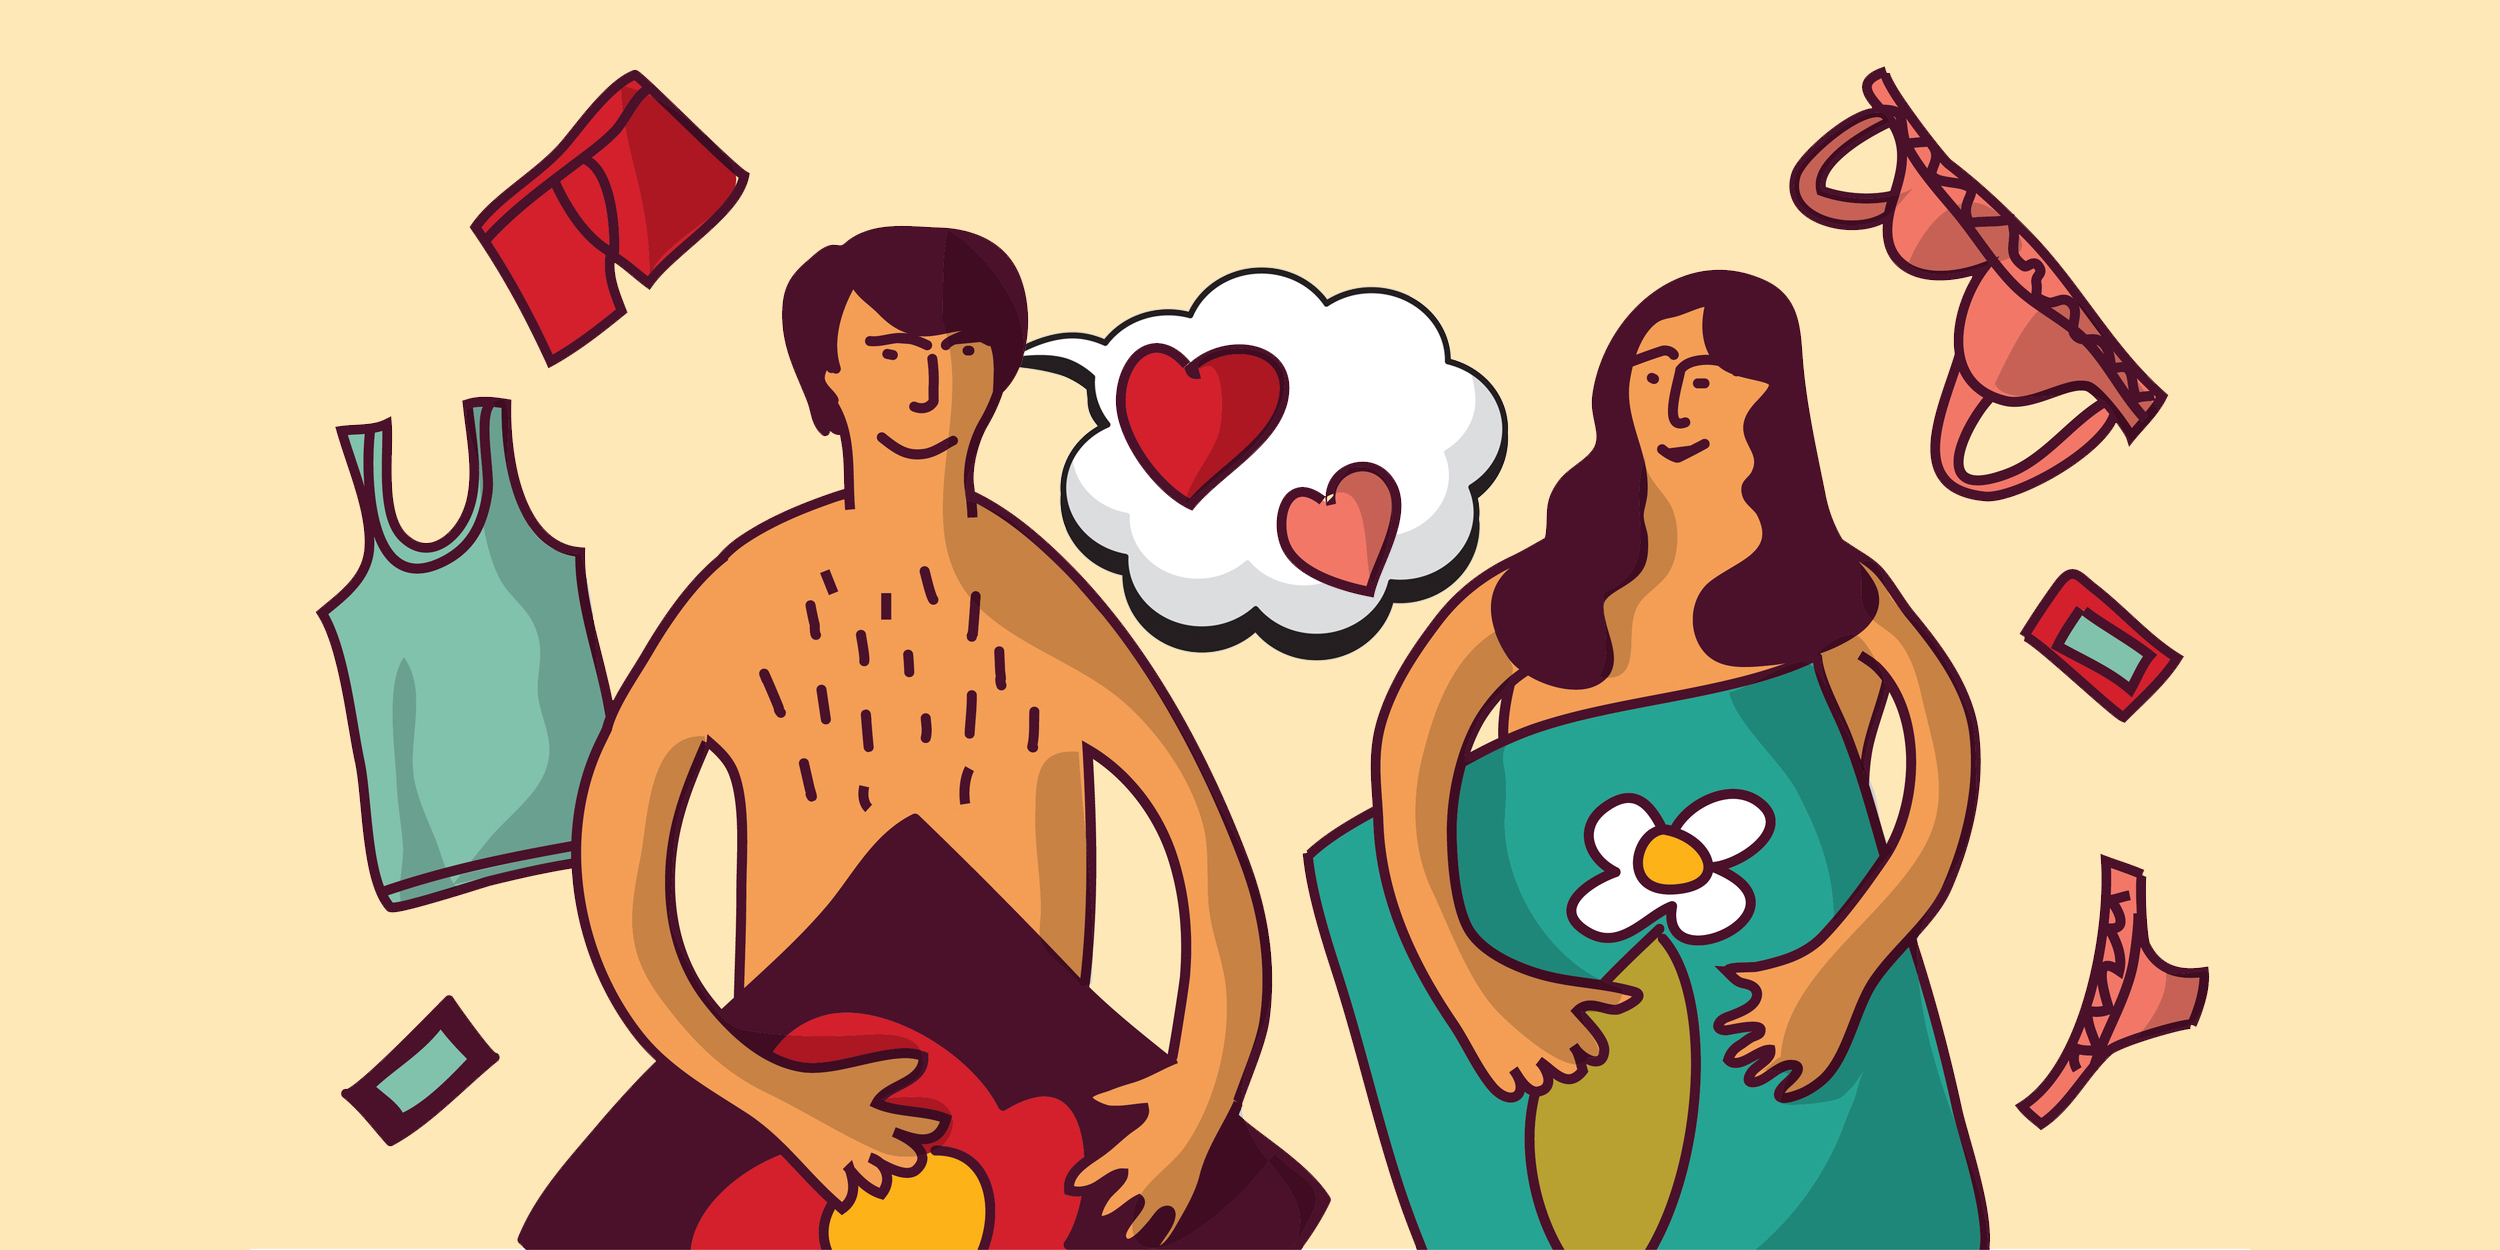 Избавиться о т мыслей о сексе